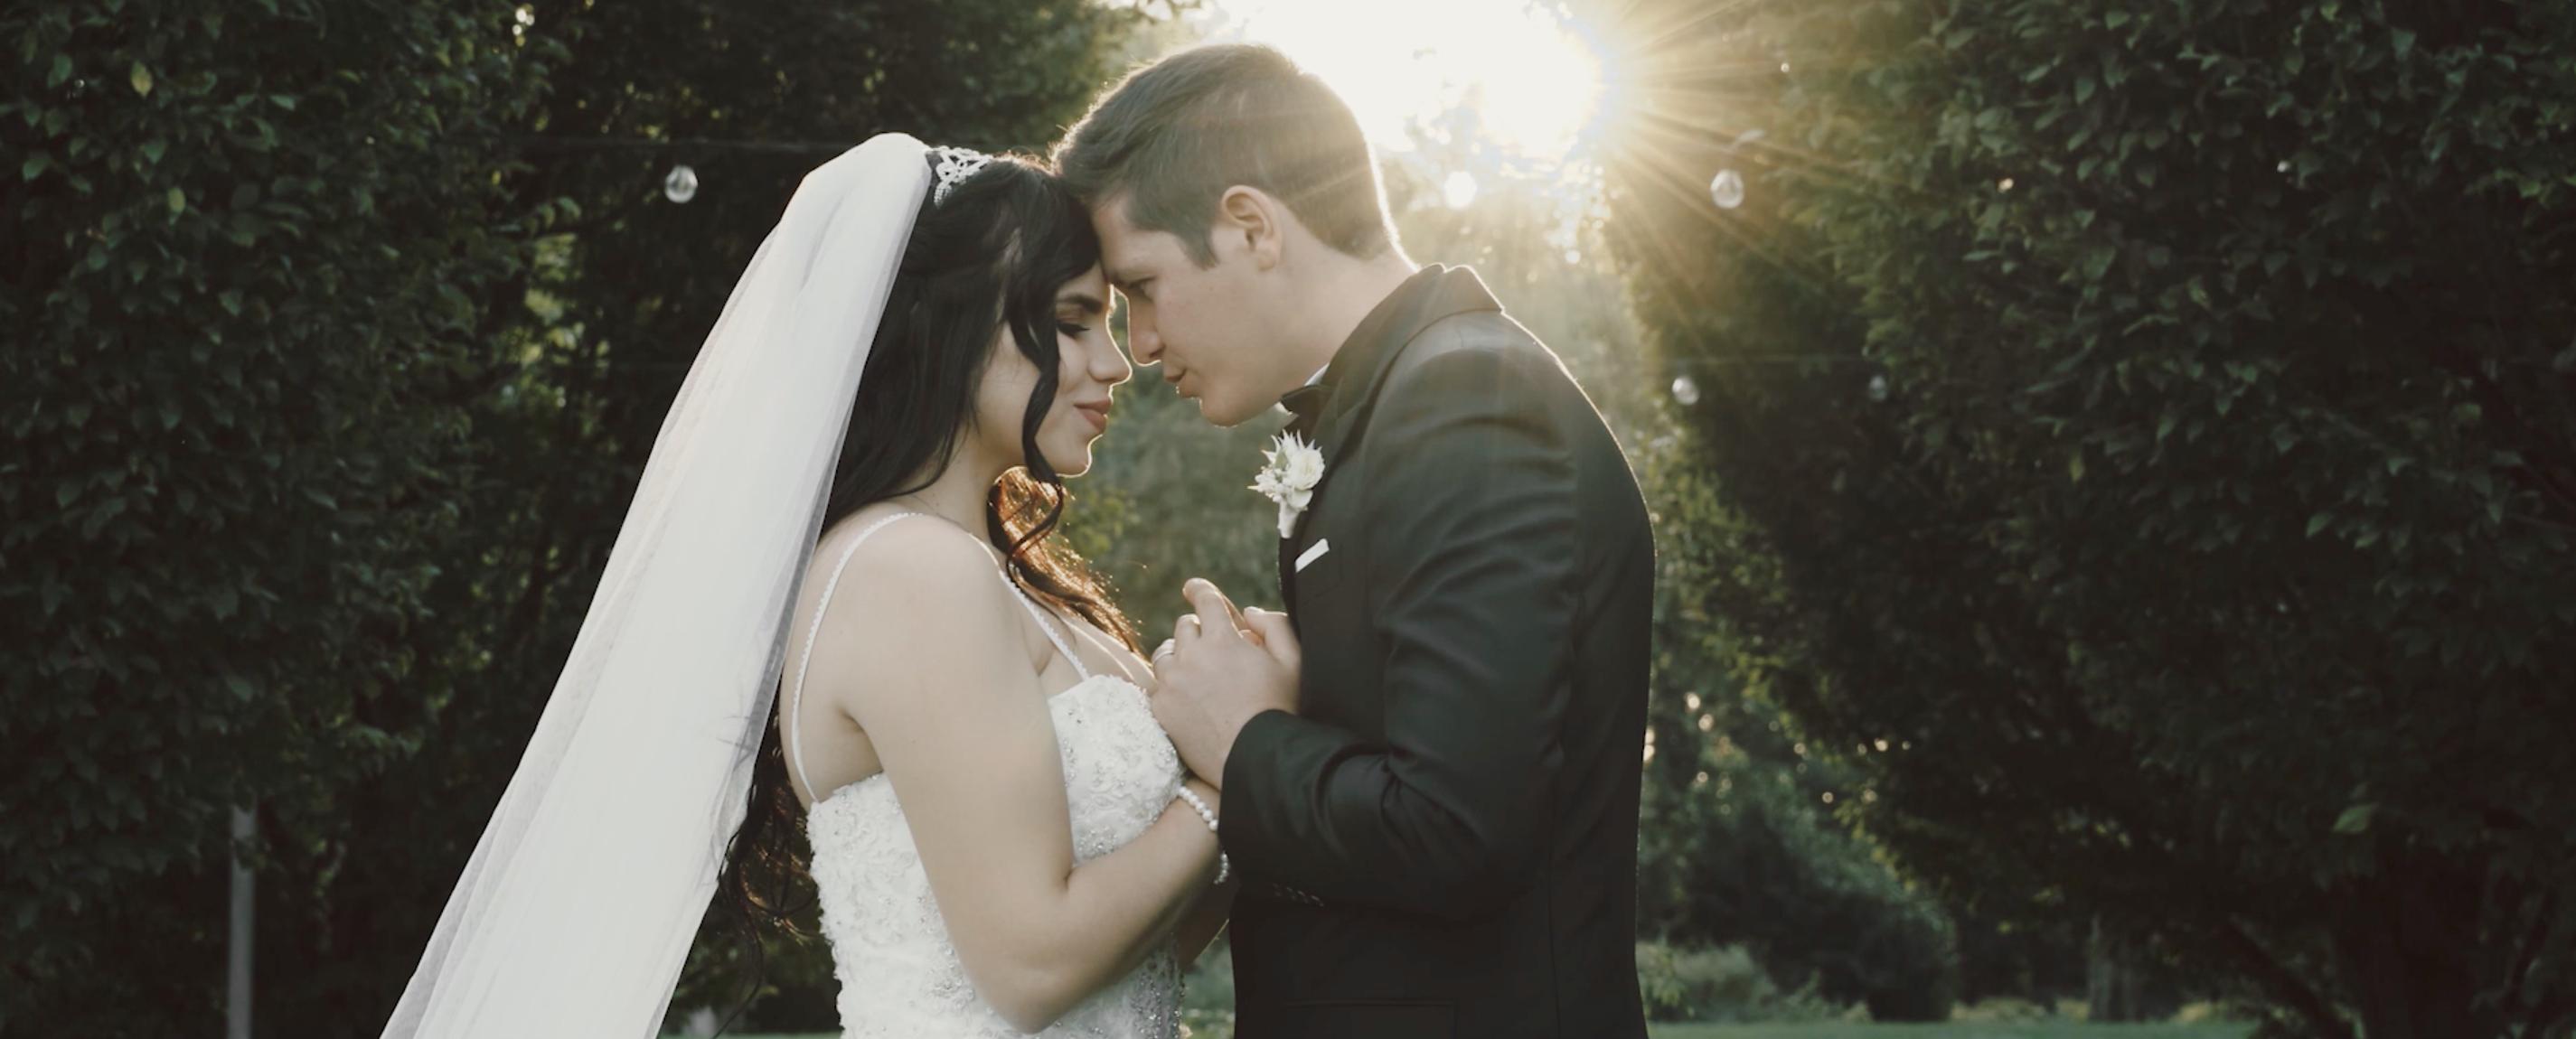 Il matrimonio di Anastasia e Felice a Montichiari, Brescia